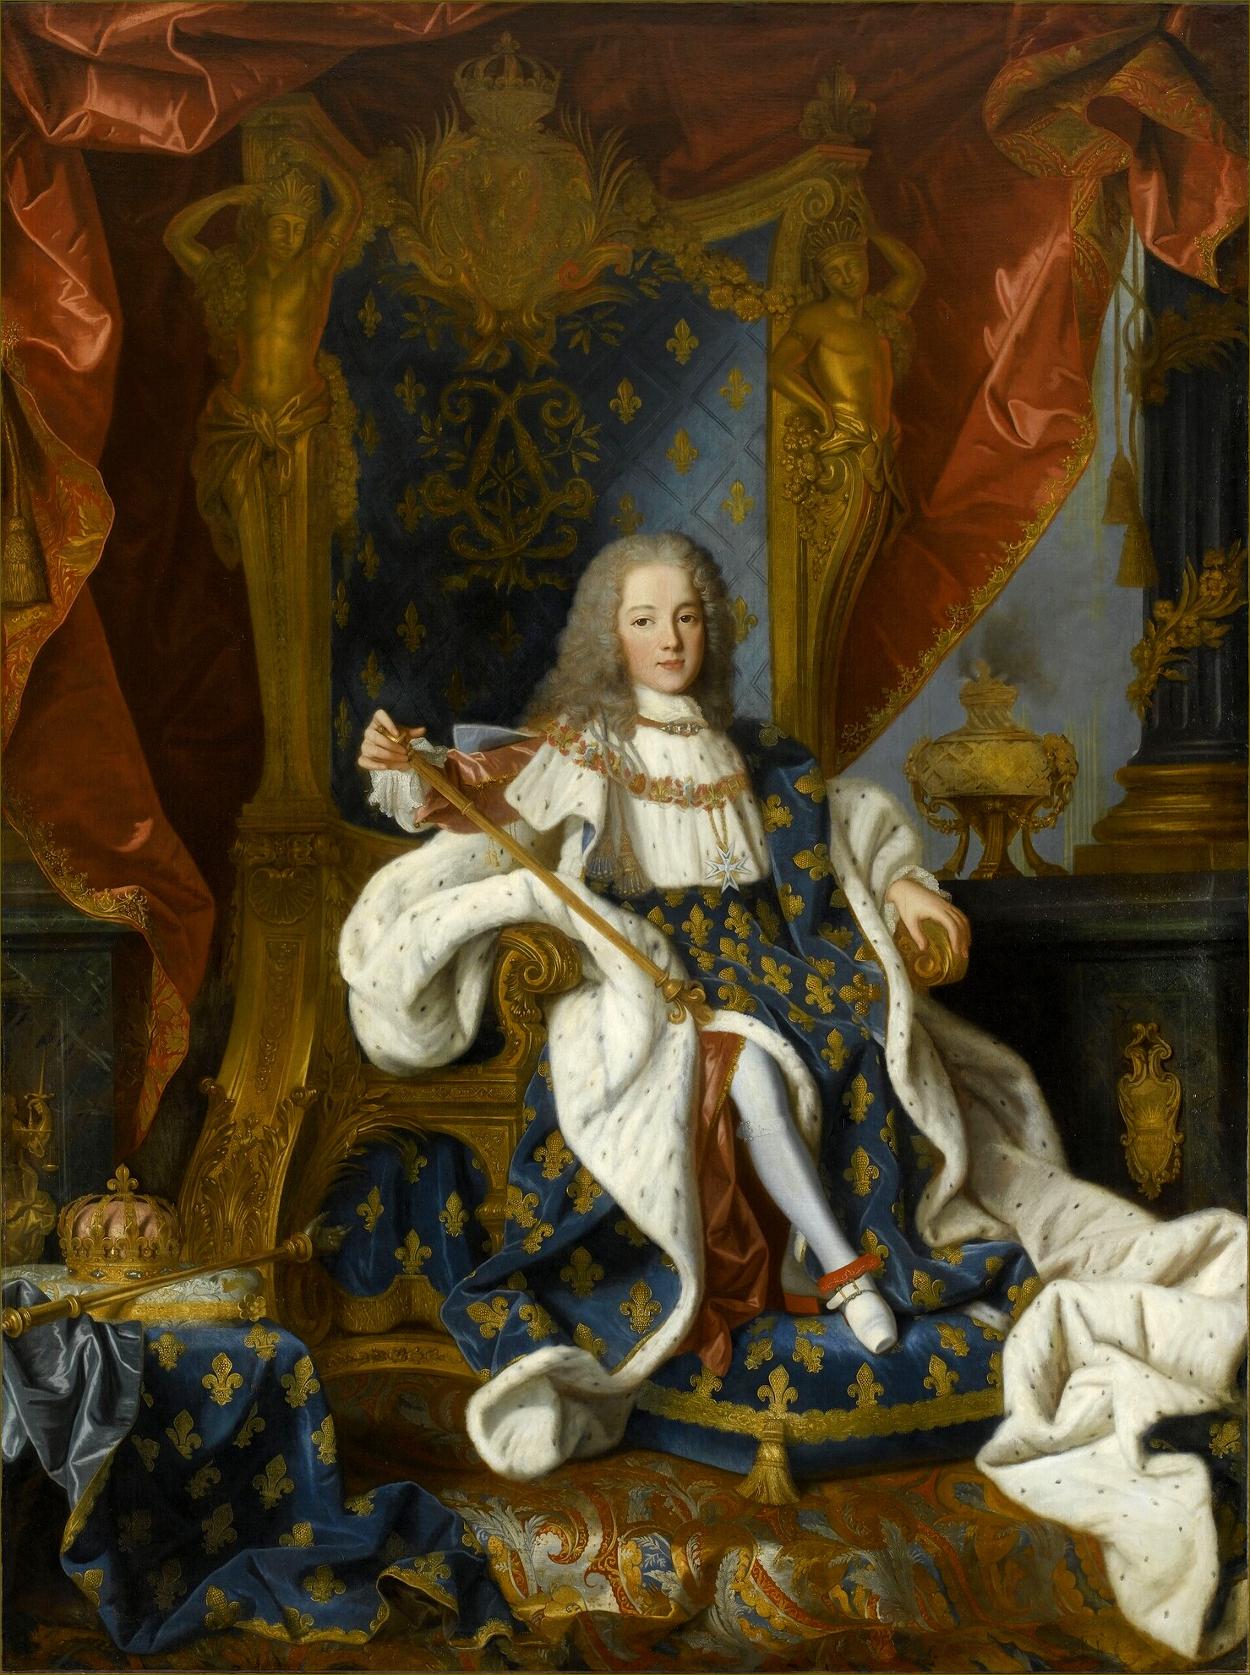 Louis XV, roi de France, âgé de 8 ans, en costume royal, en 1718, par Jean Ranc